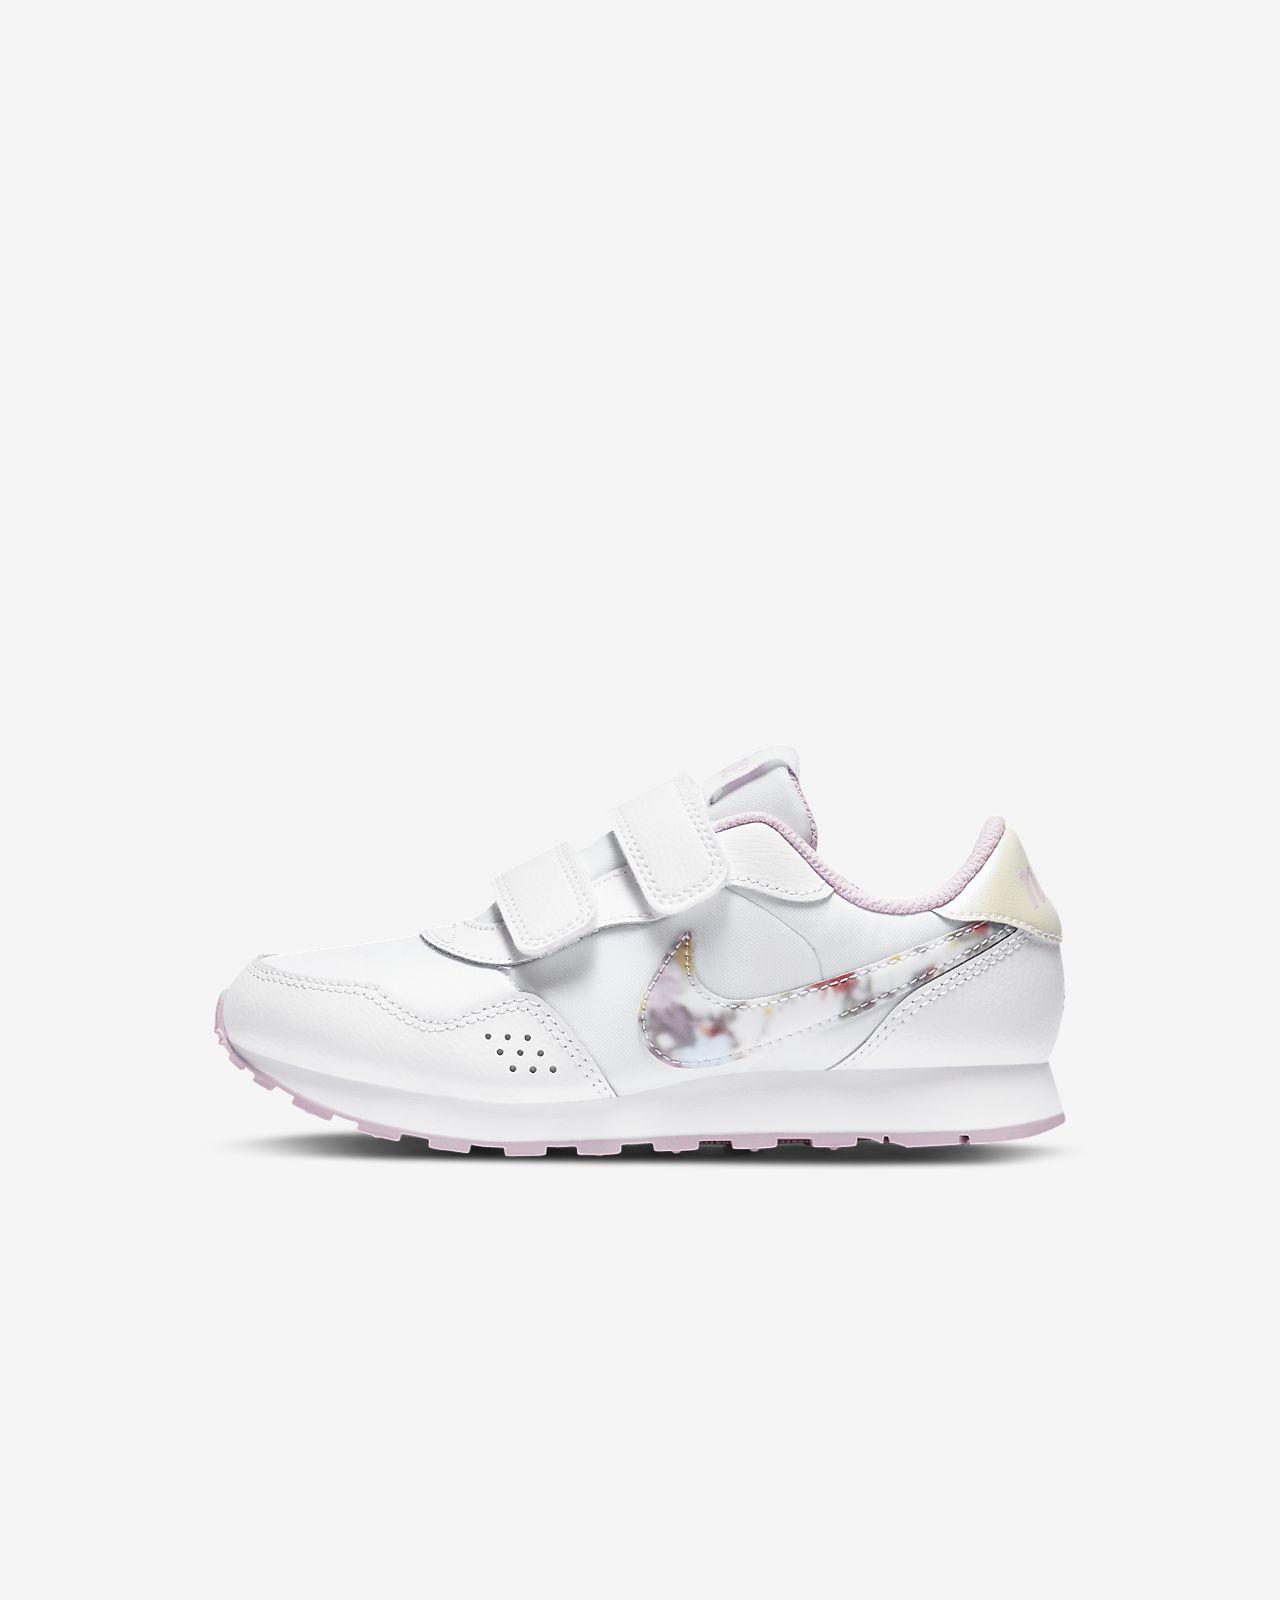 Nike MD Valiant FLRL (PSV) 幼童运动童鞋